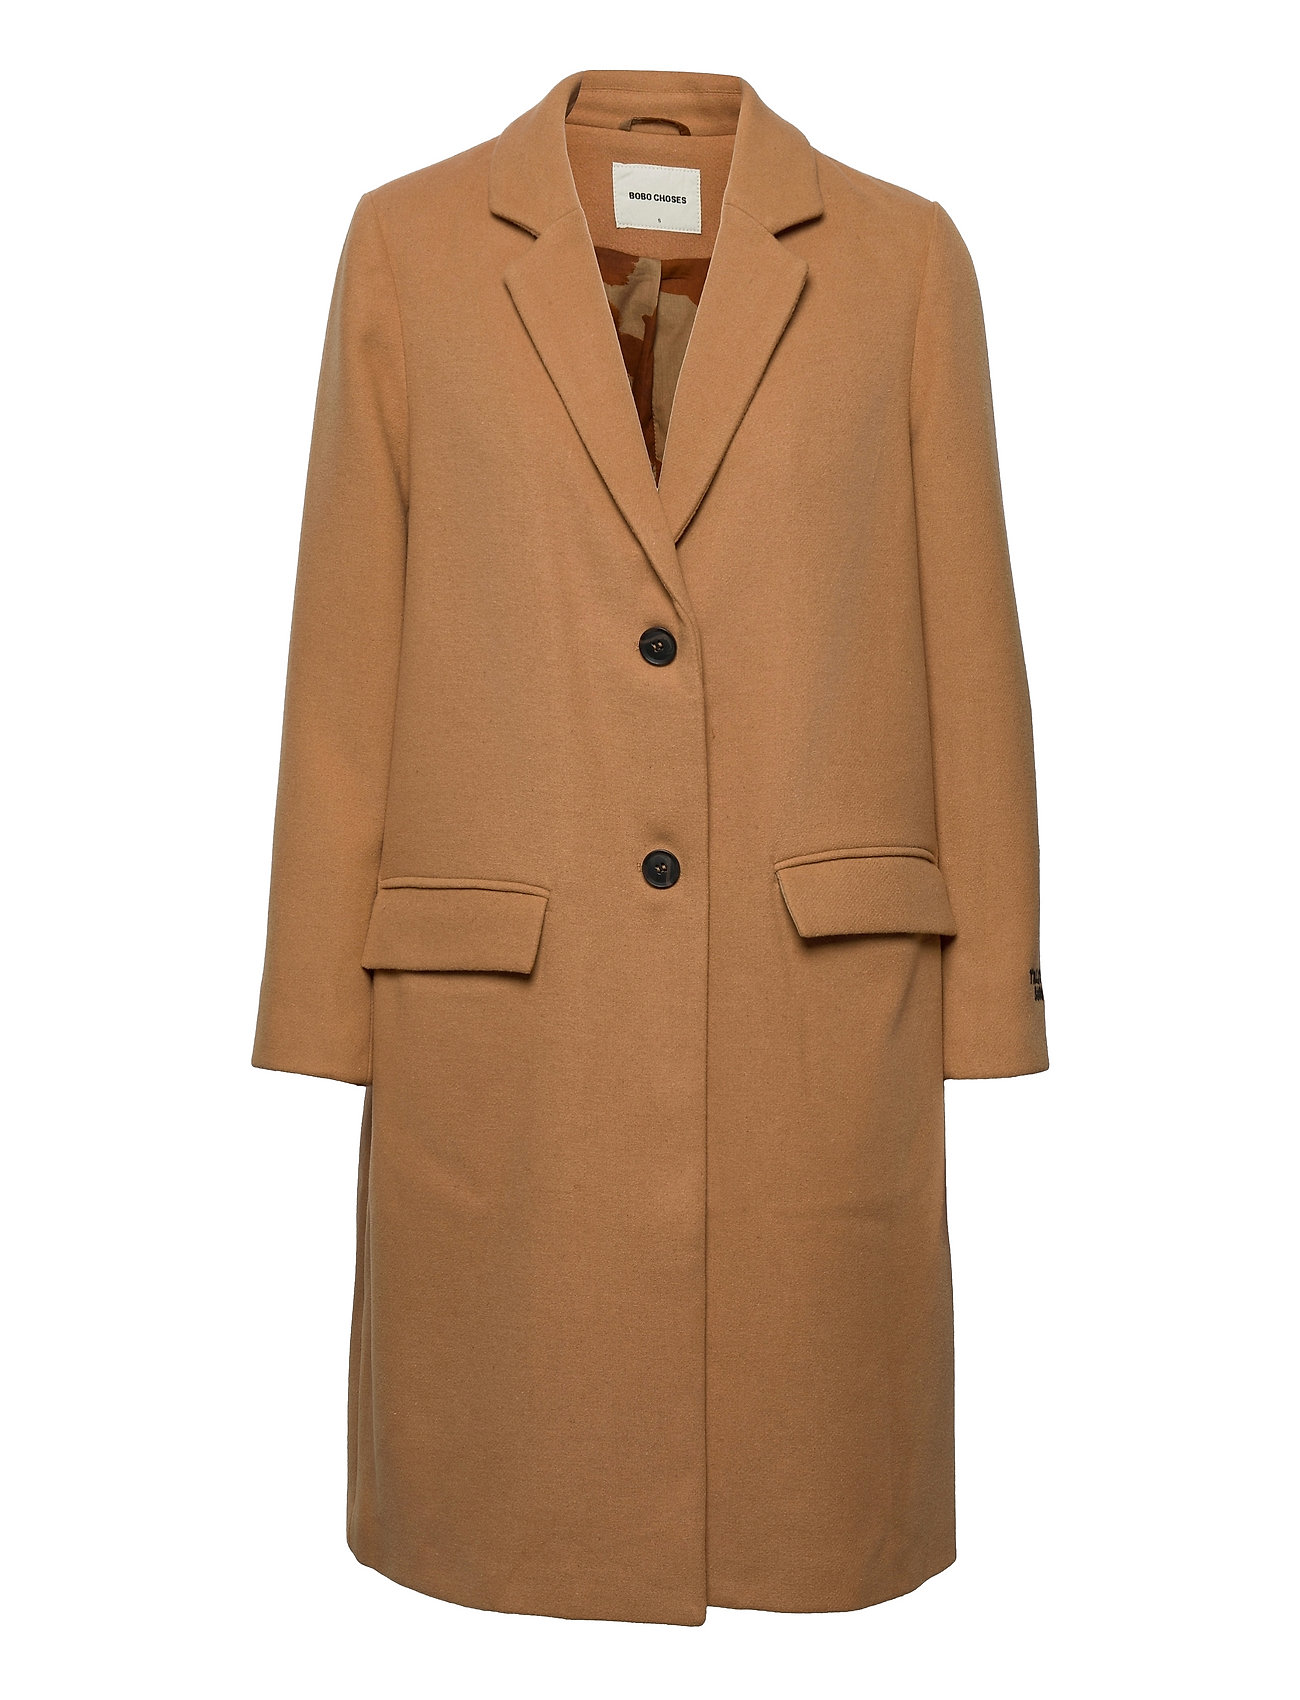 Wool-Mix Lapel Coat Uldfrakke Frakke Brun Bobo Choses